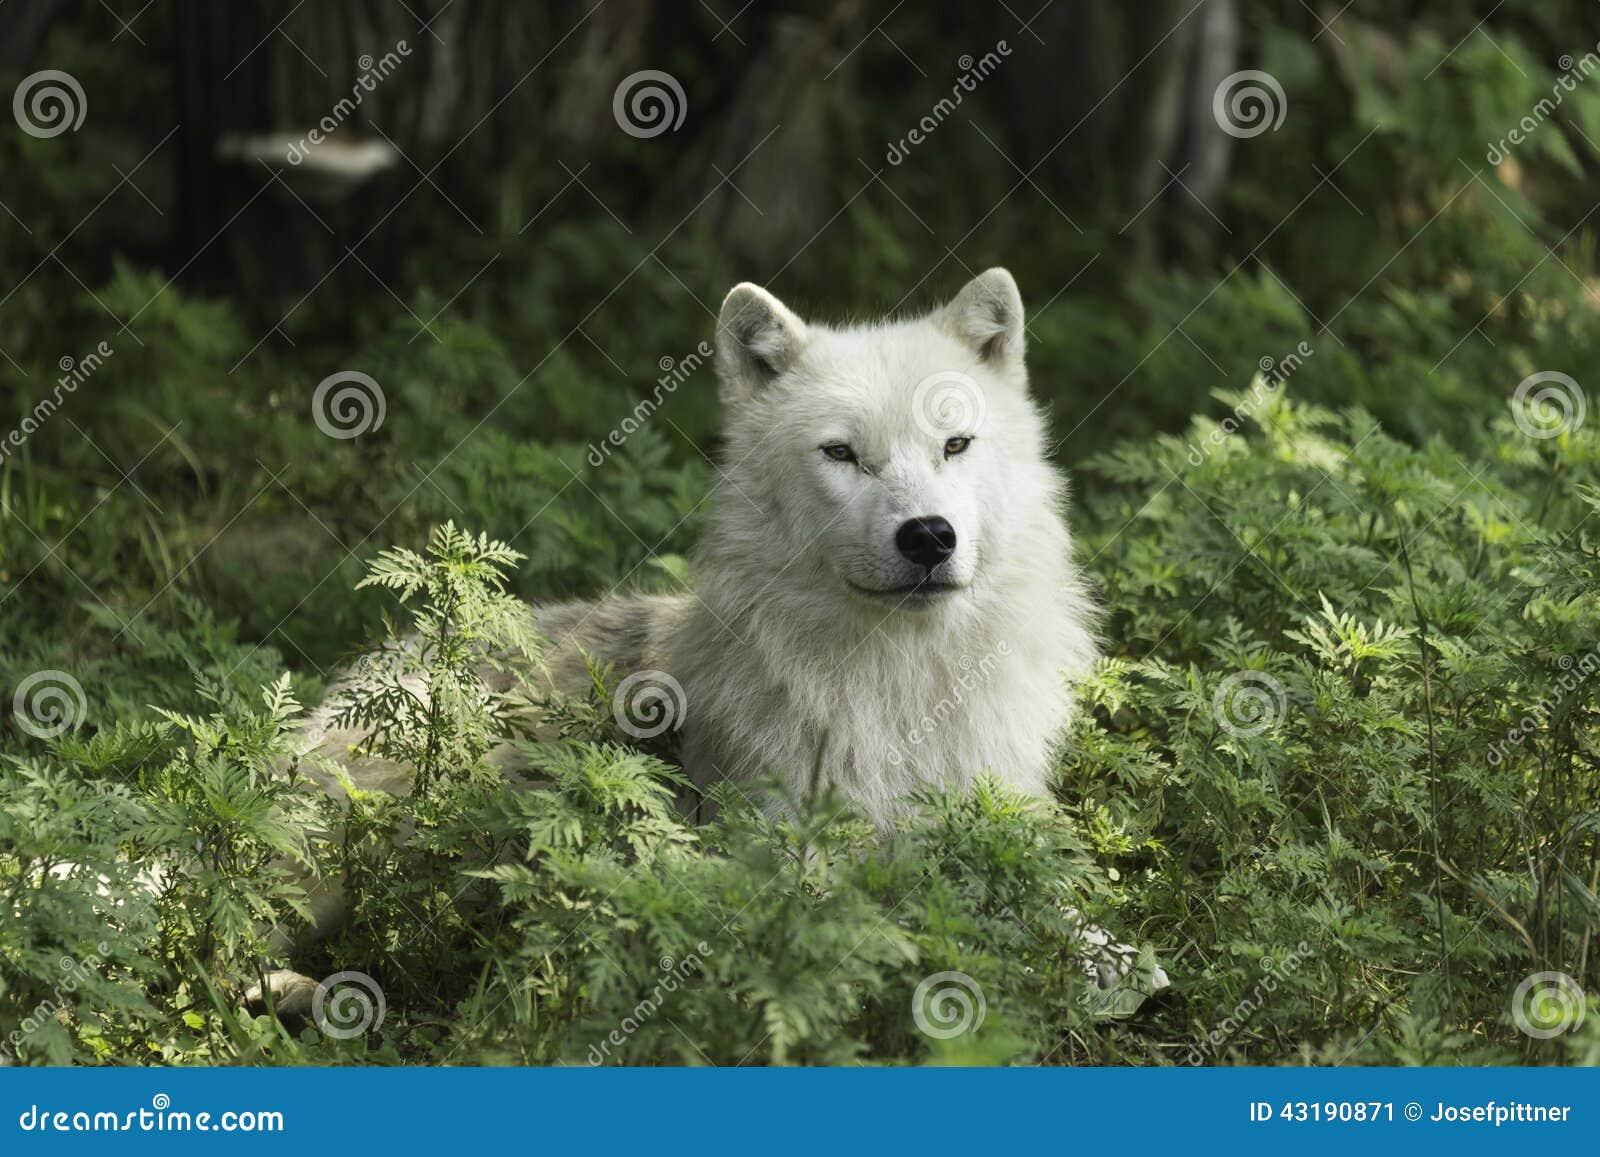 Ένας απομονωμένος αρκτικός λύκος που στηρίζεται σε μια σκιασμένη περιοχή